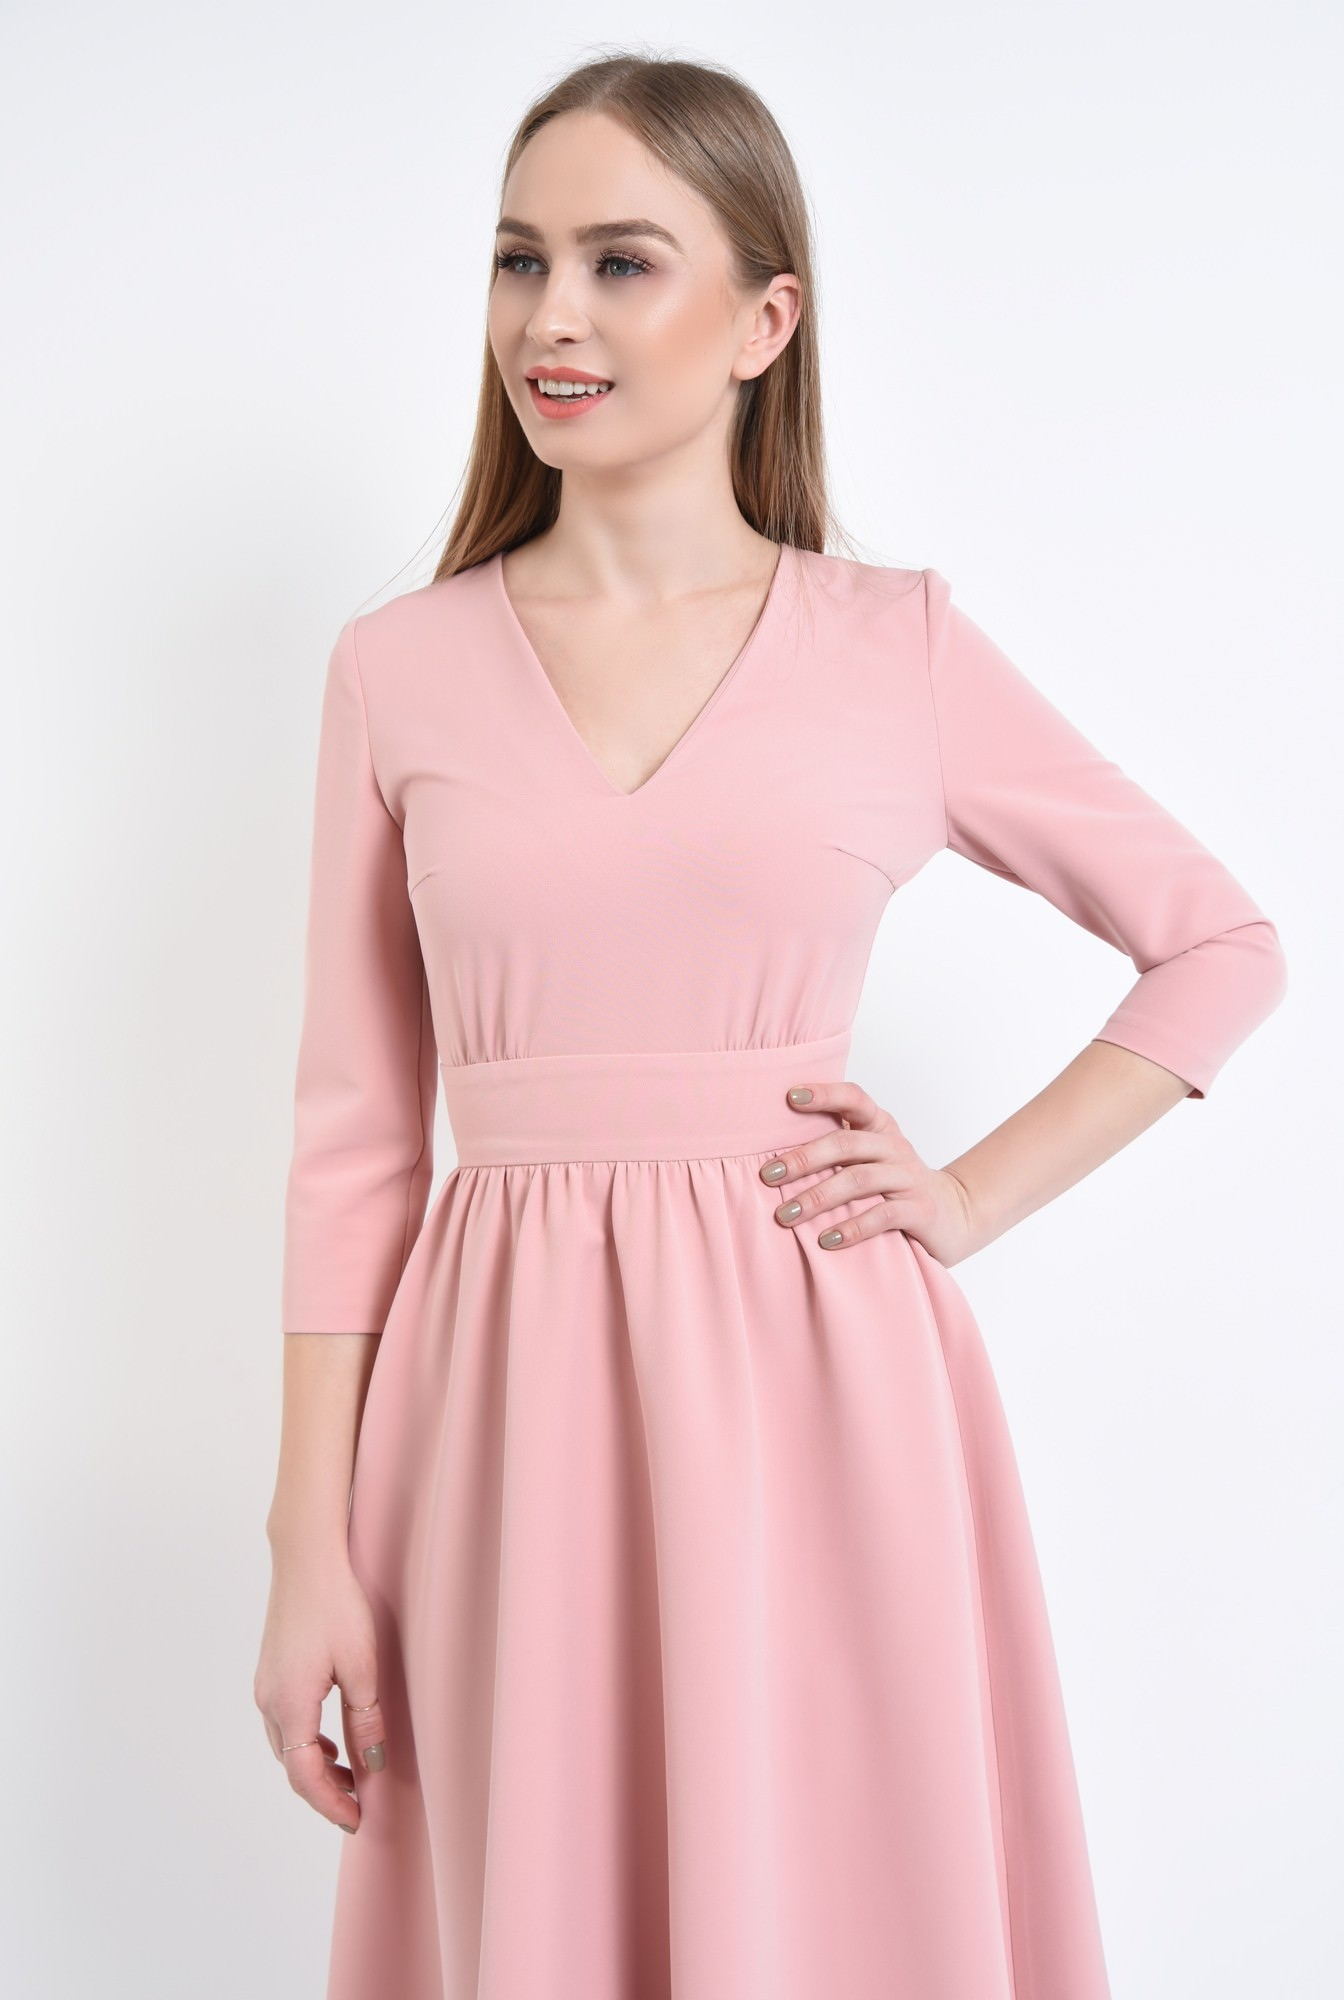 2 - 360 - Rochie casual roz, midi